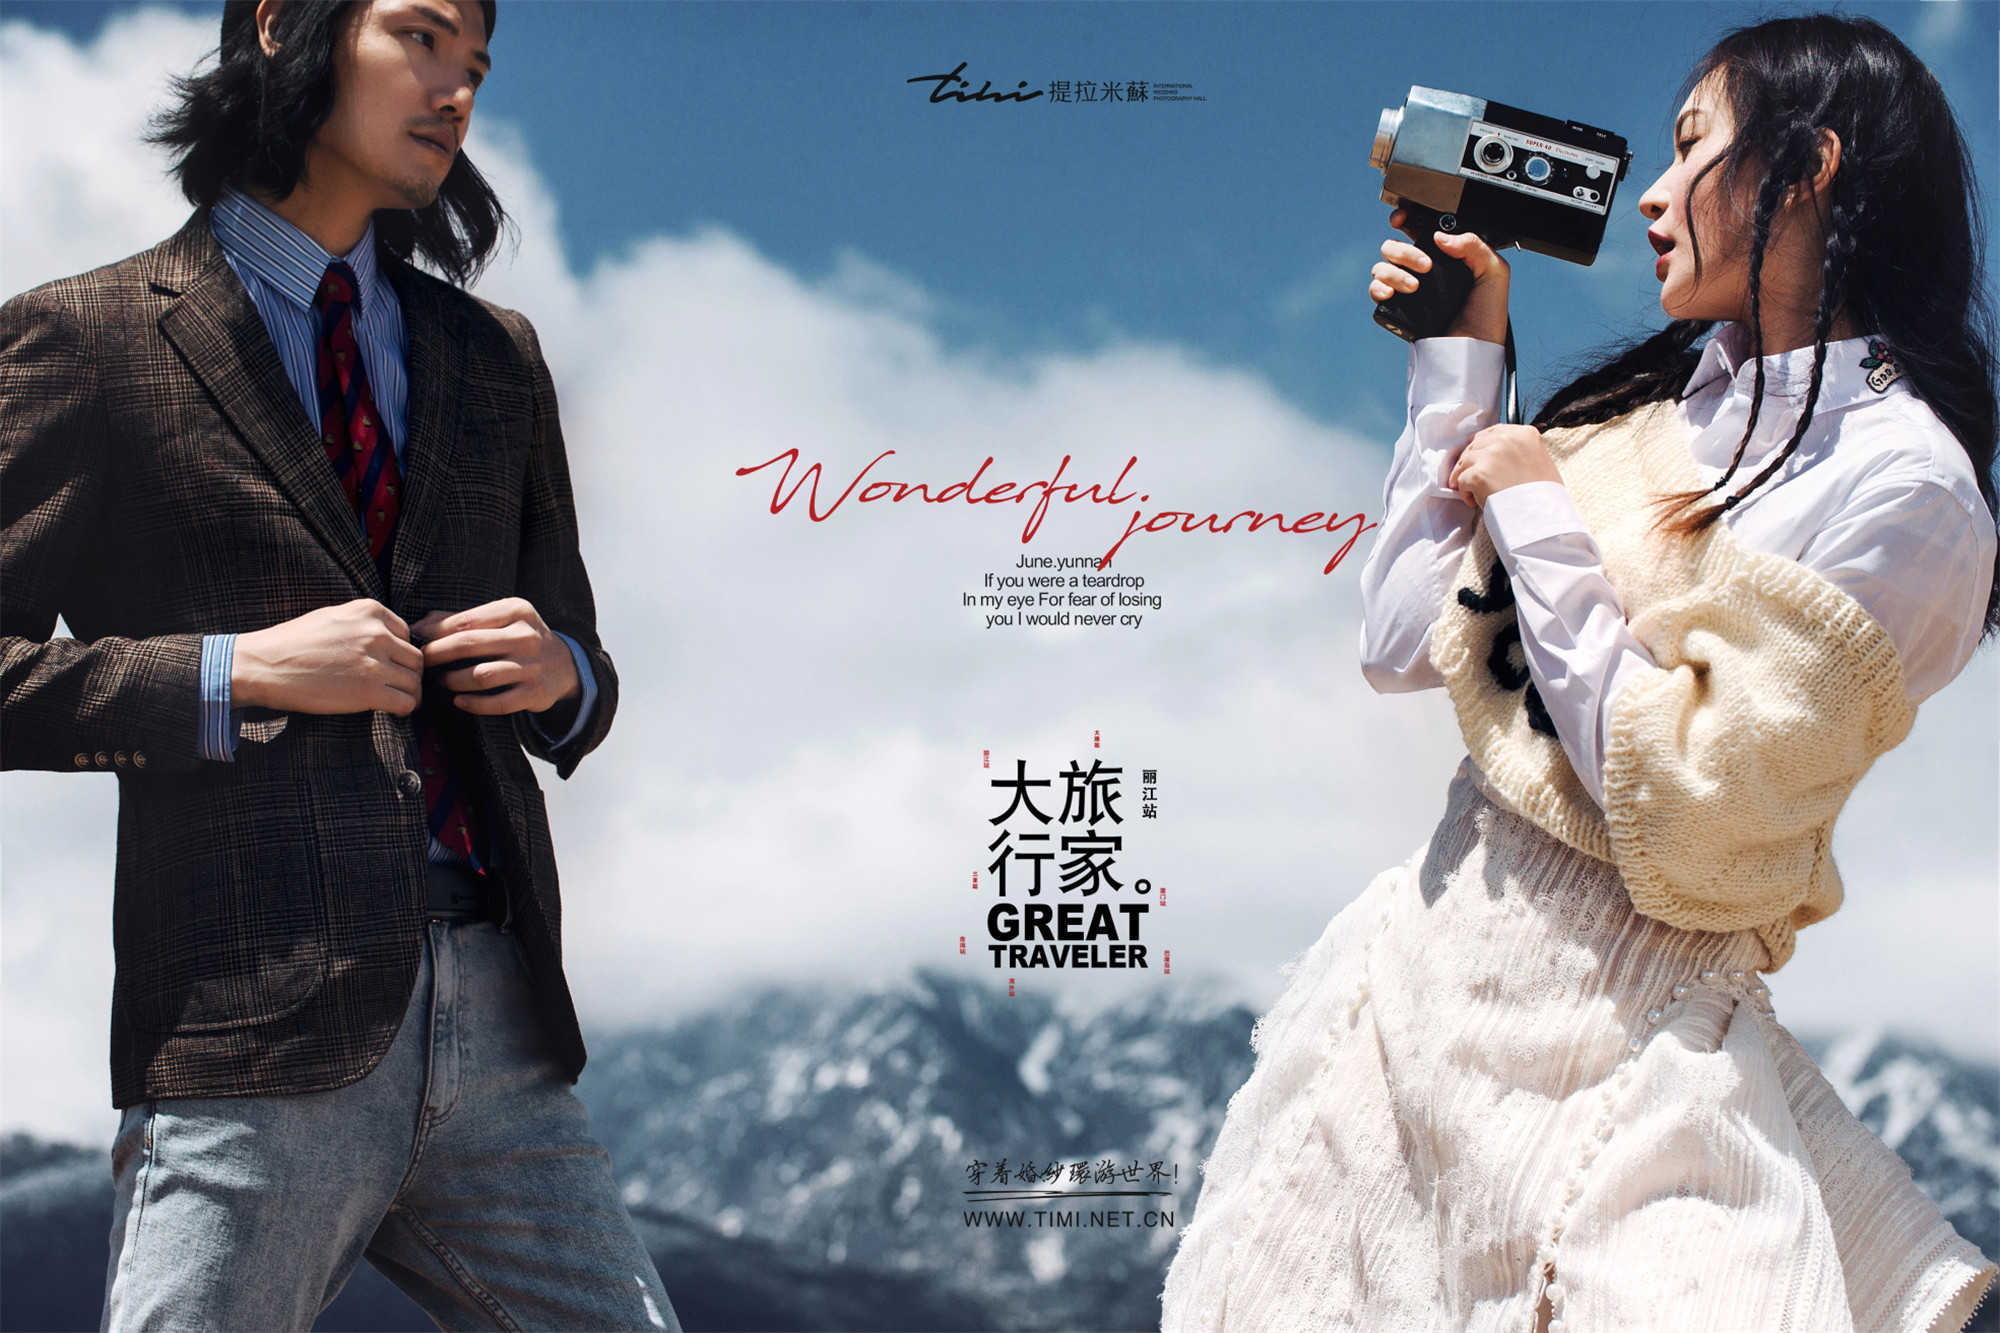 具有独特的文化丽江婚纱照